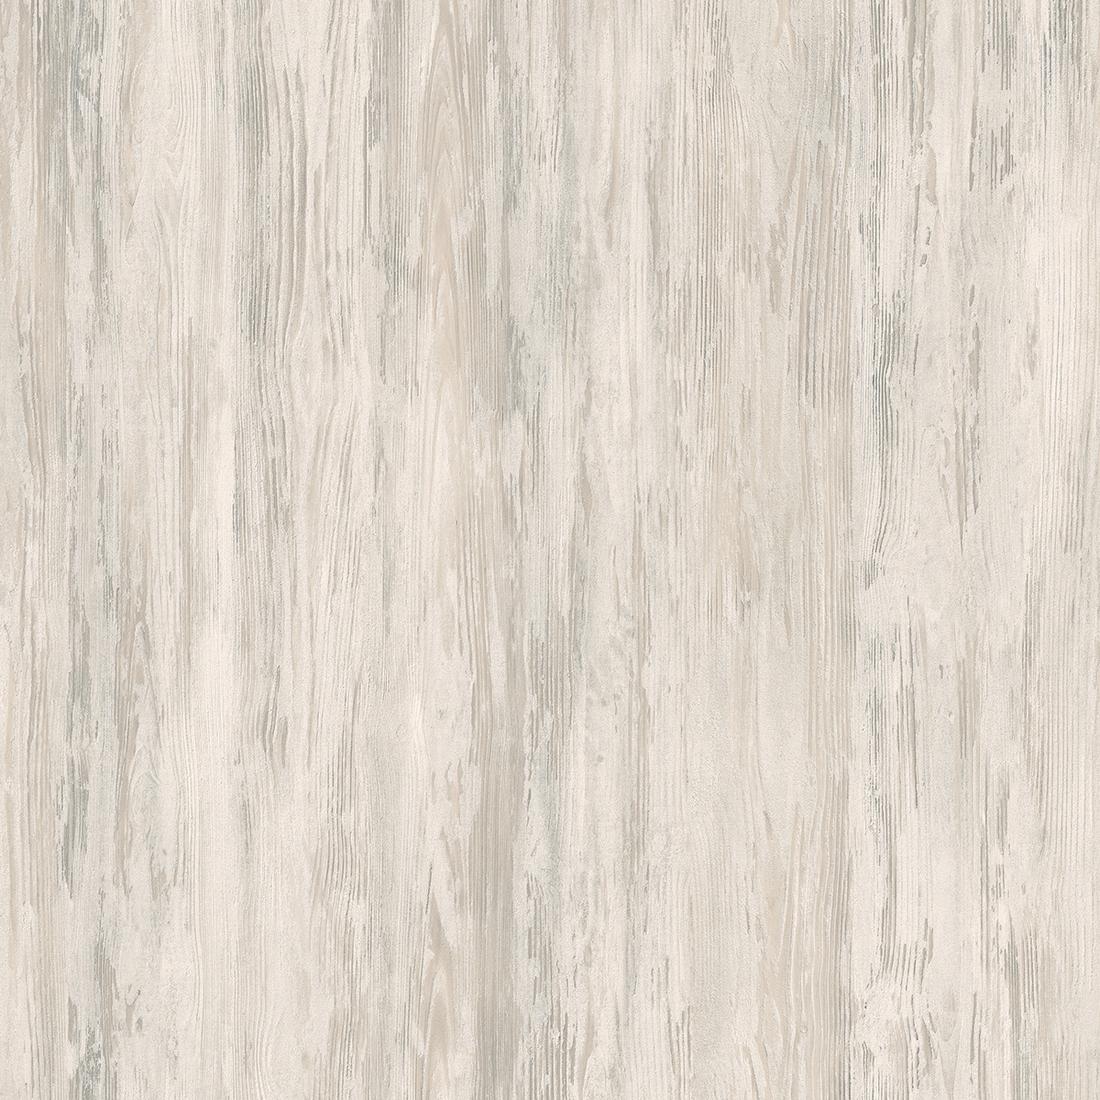 K083SN - Light Artwood